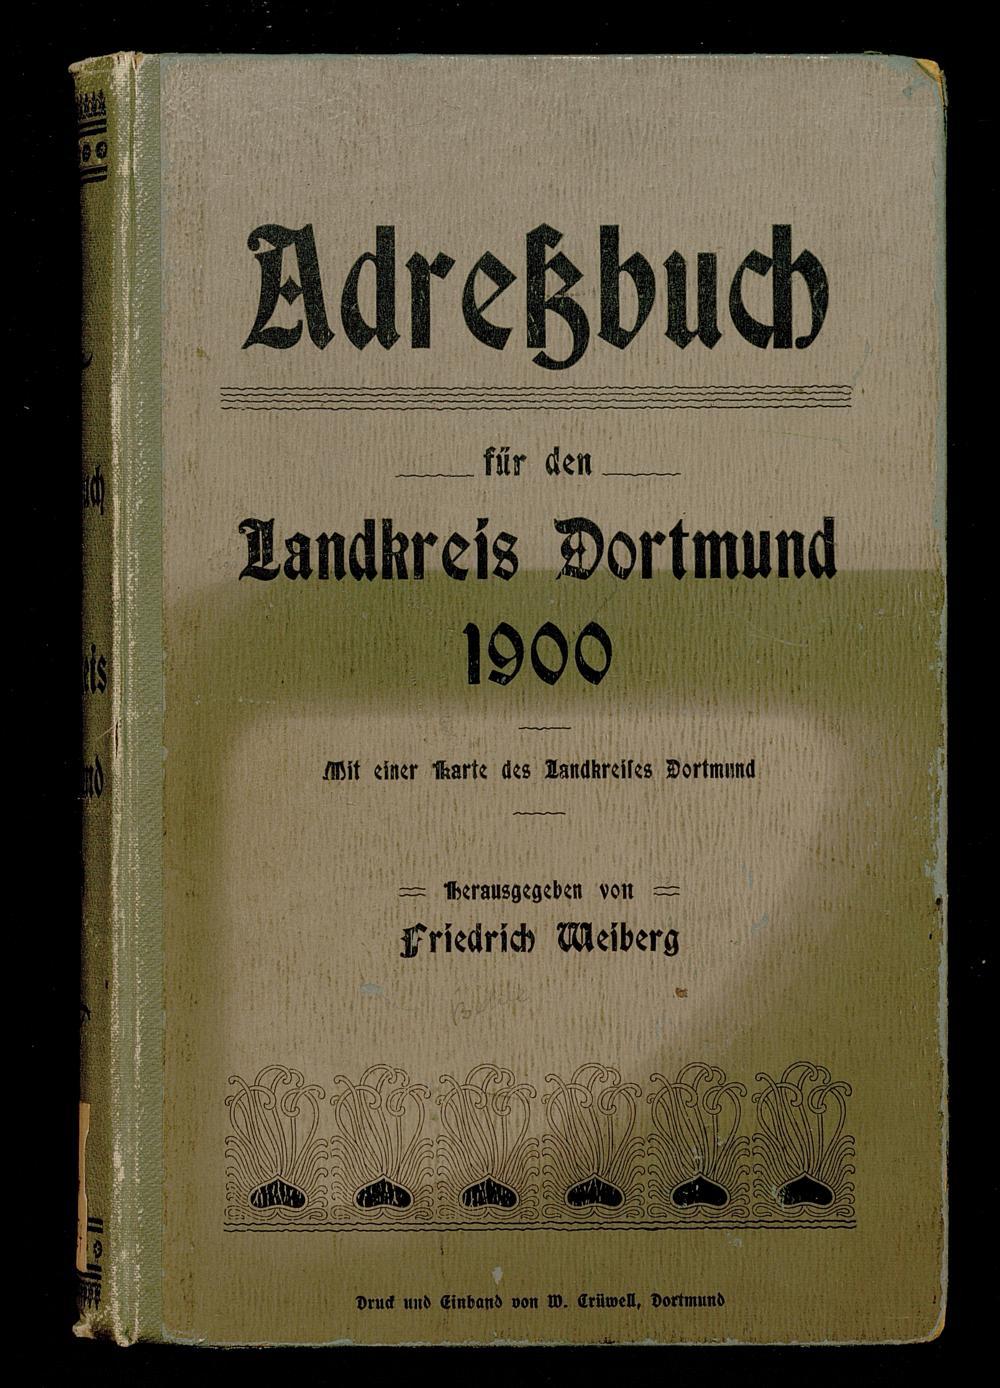 Adreßbuch für den Landkreis Dortmund 1900